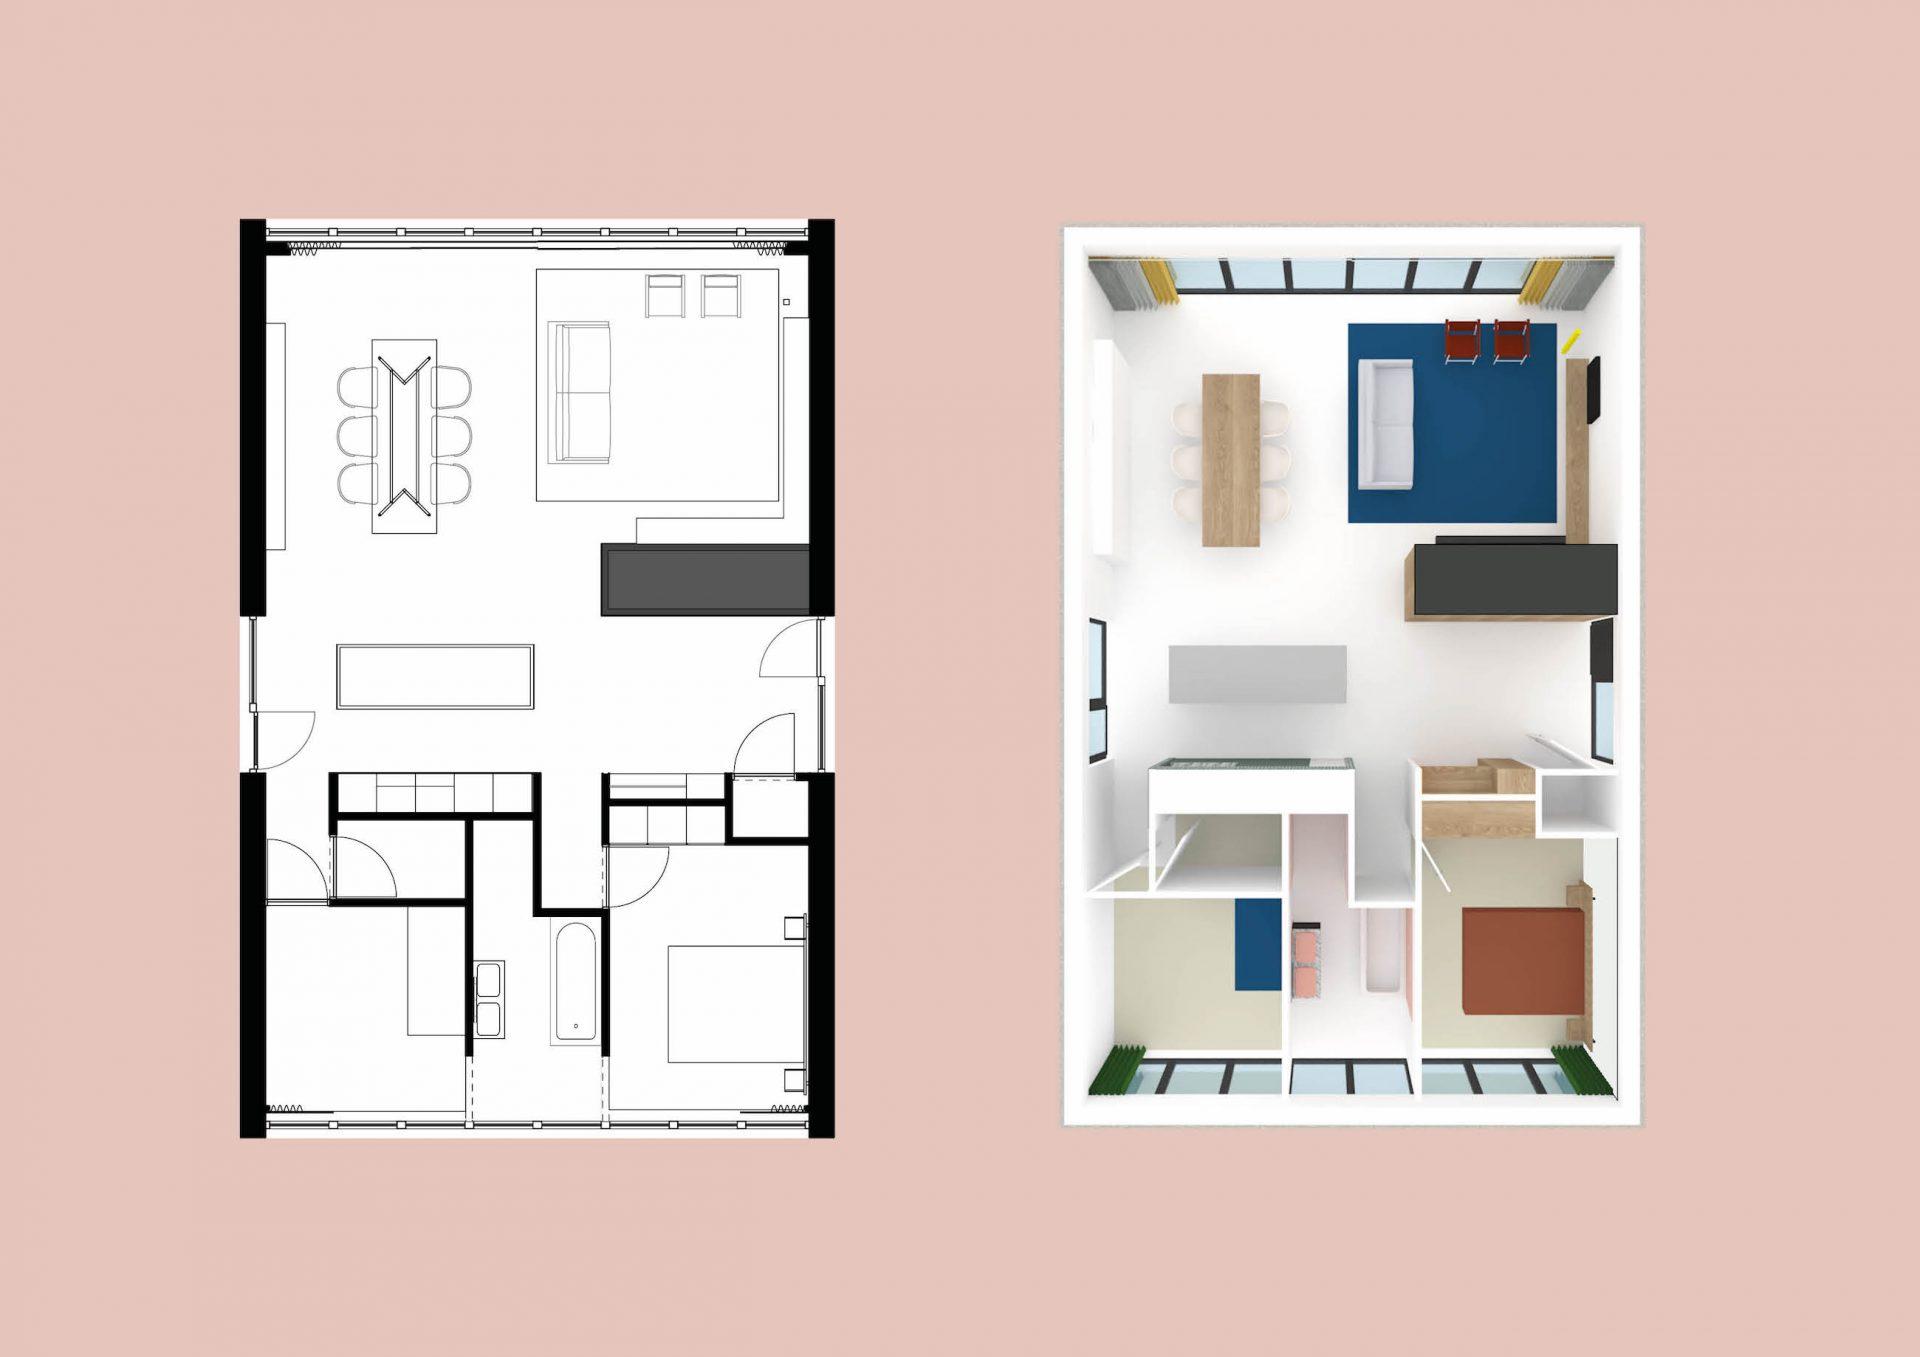 interieurontwerp interieurarchitect binnenhuisarchitect binnenhuisarchitectuur interieur advies